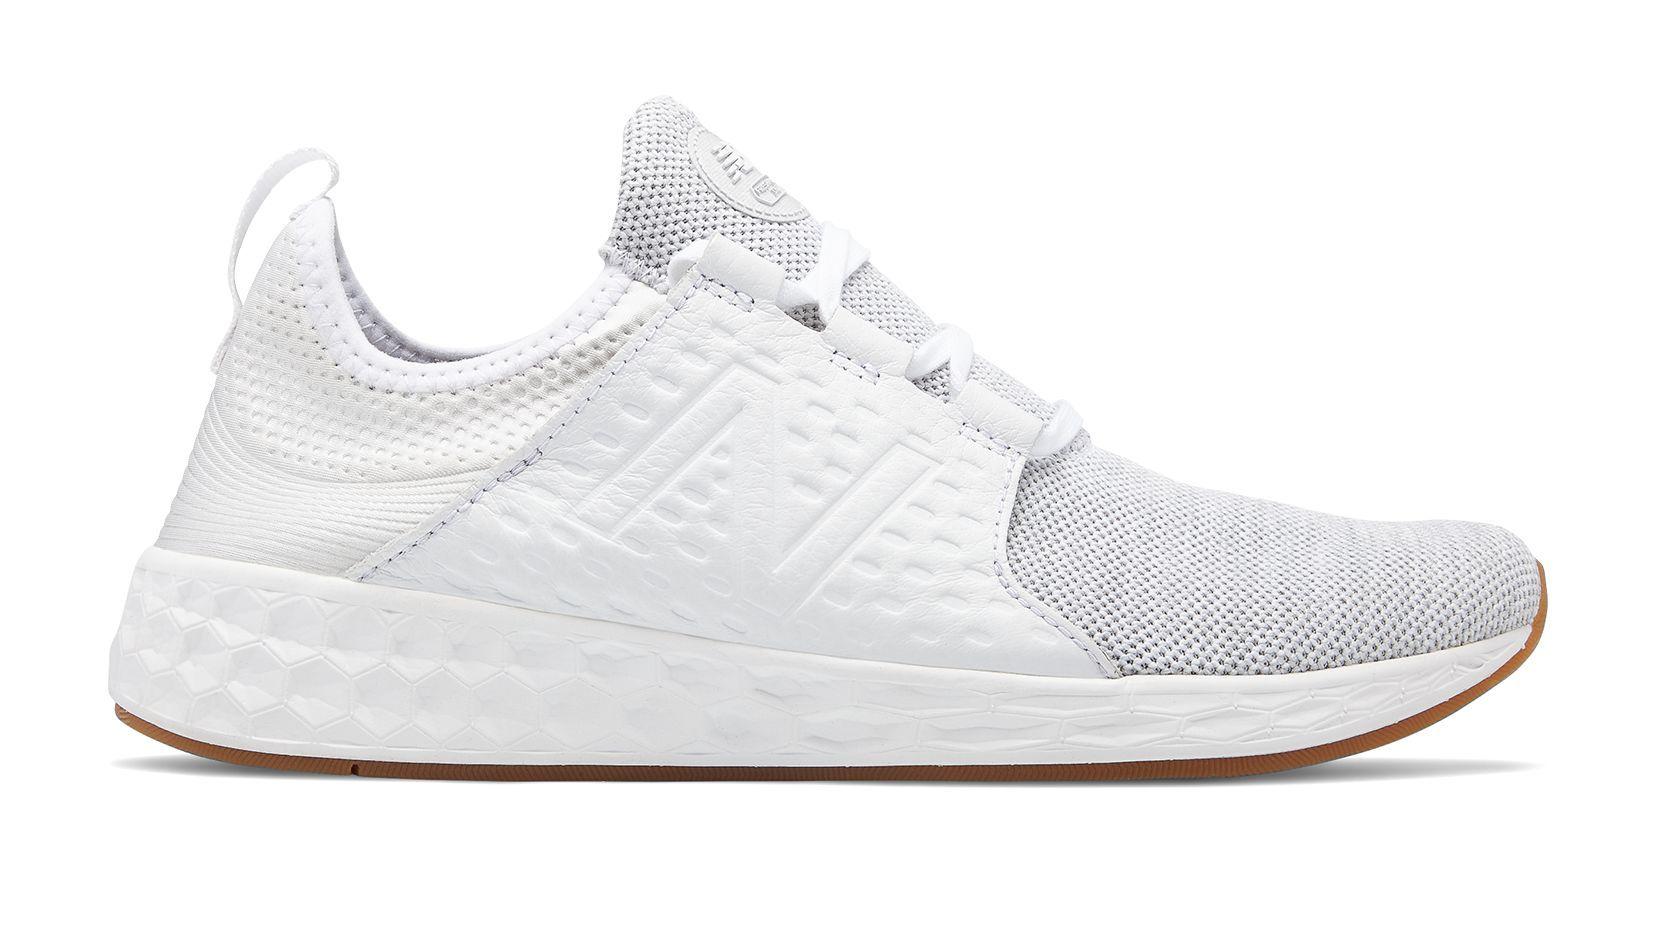 New Balance Fresh Foam Cruz, White Munsell with Silver